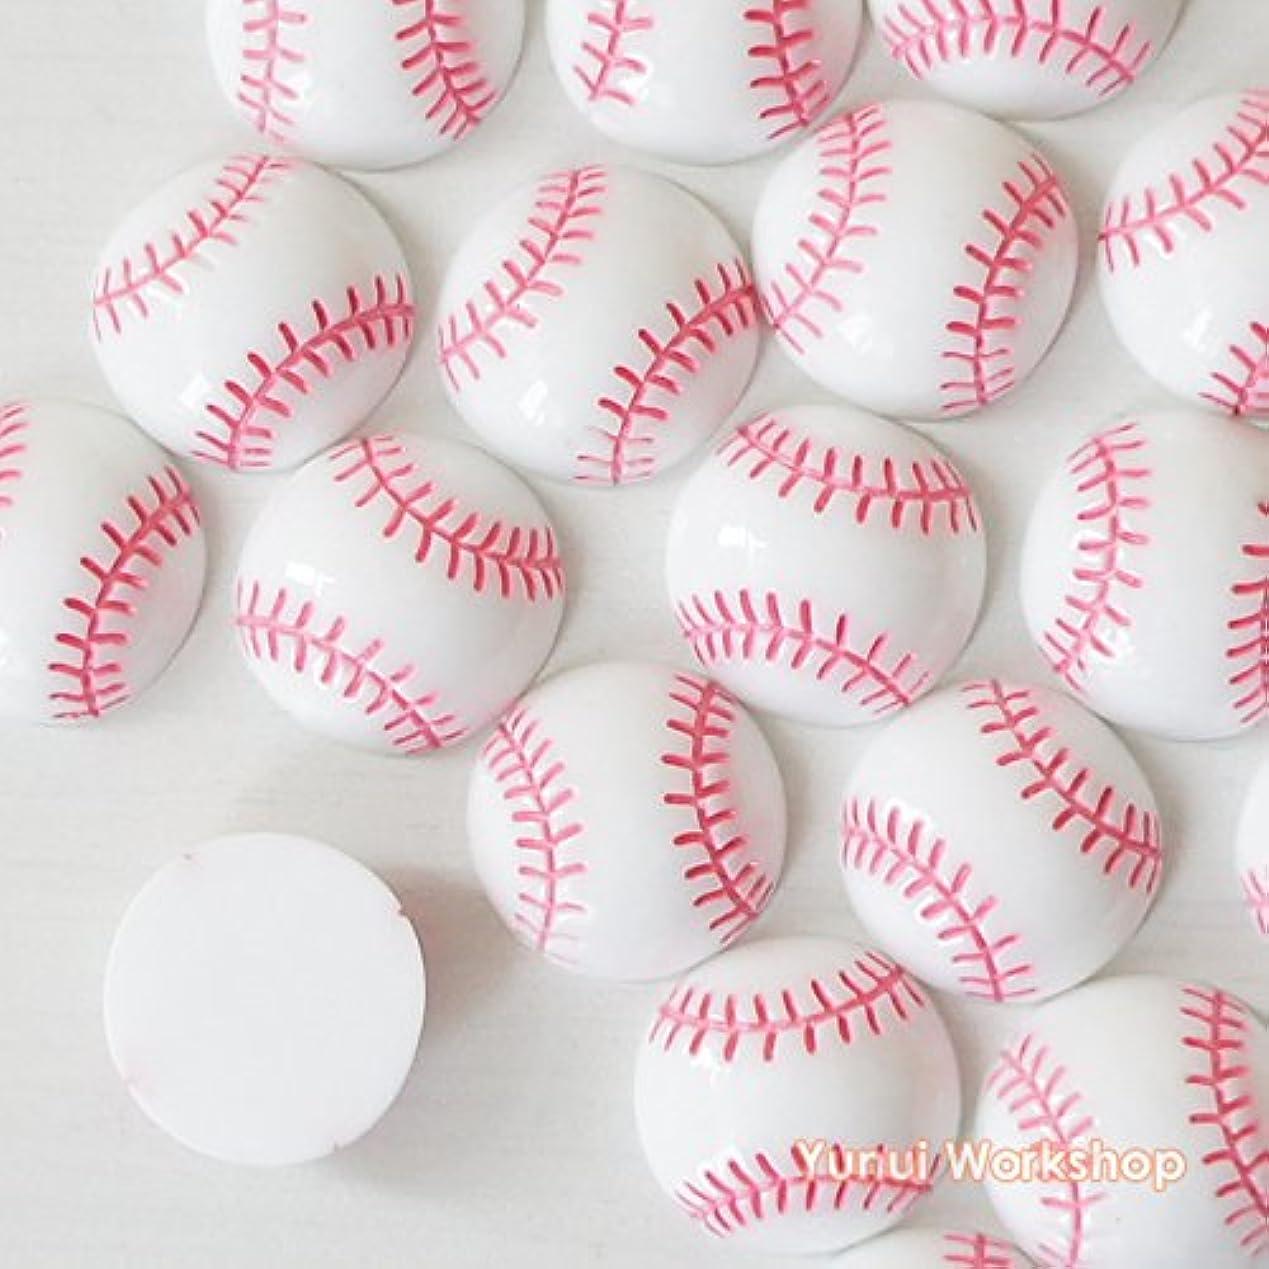 少数ガードにぎやか【野球ボール?6個】24mm x 24mm?デコ用?デコパーツ?カボション?レジン?手作り?手芸?DIY?材料?小物?装飾用